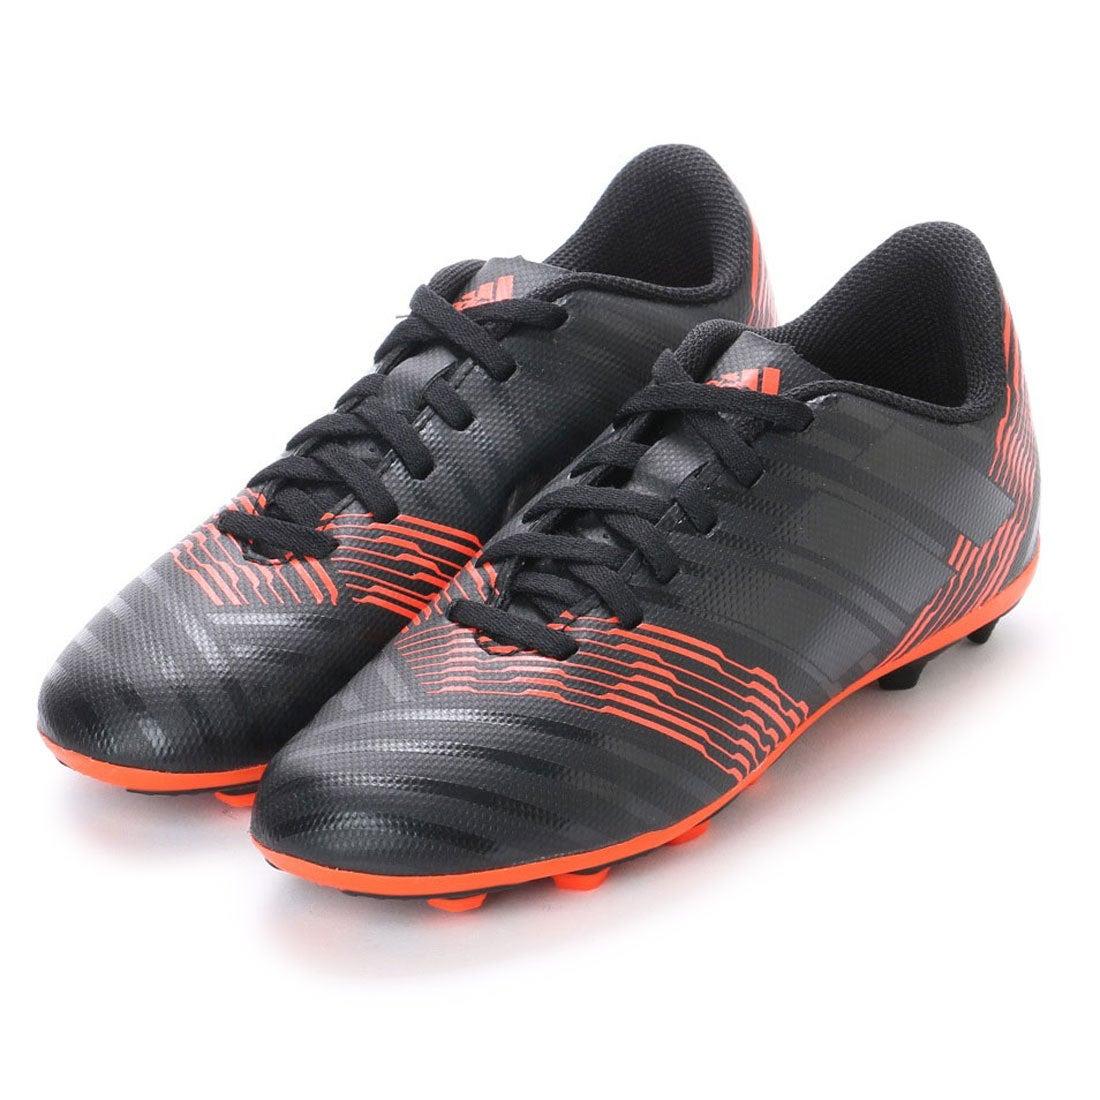 【SALE 30%OFF】アディダス adidas ジュニア サッカー スパイクシューズ ネメシス 17.4 AI1 J CP9206